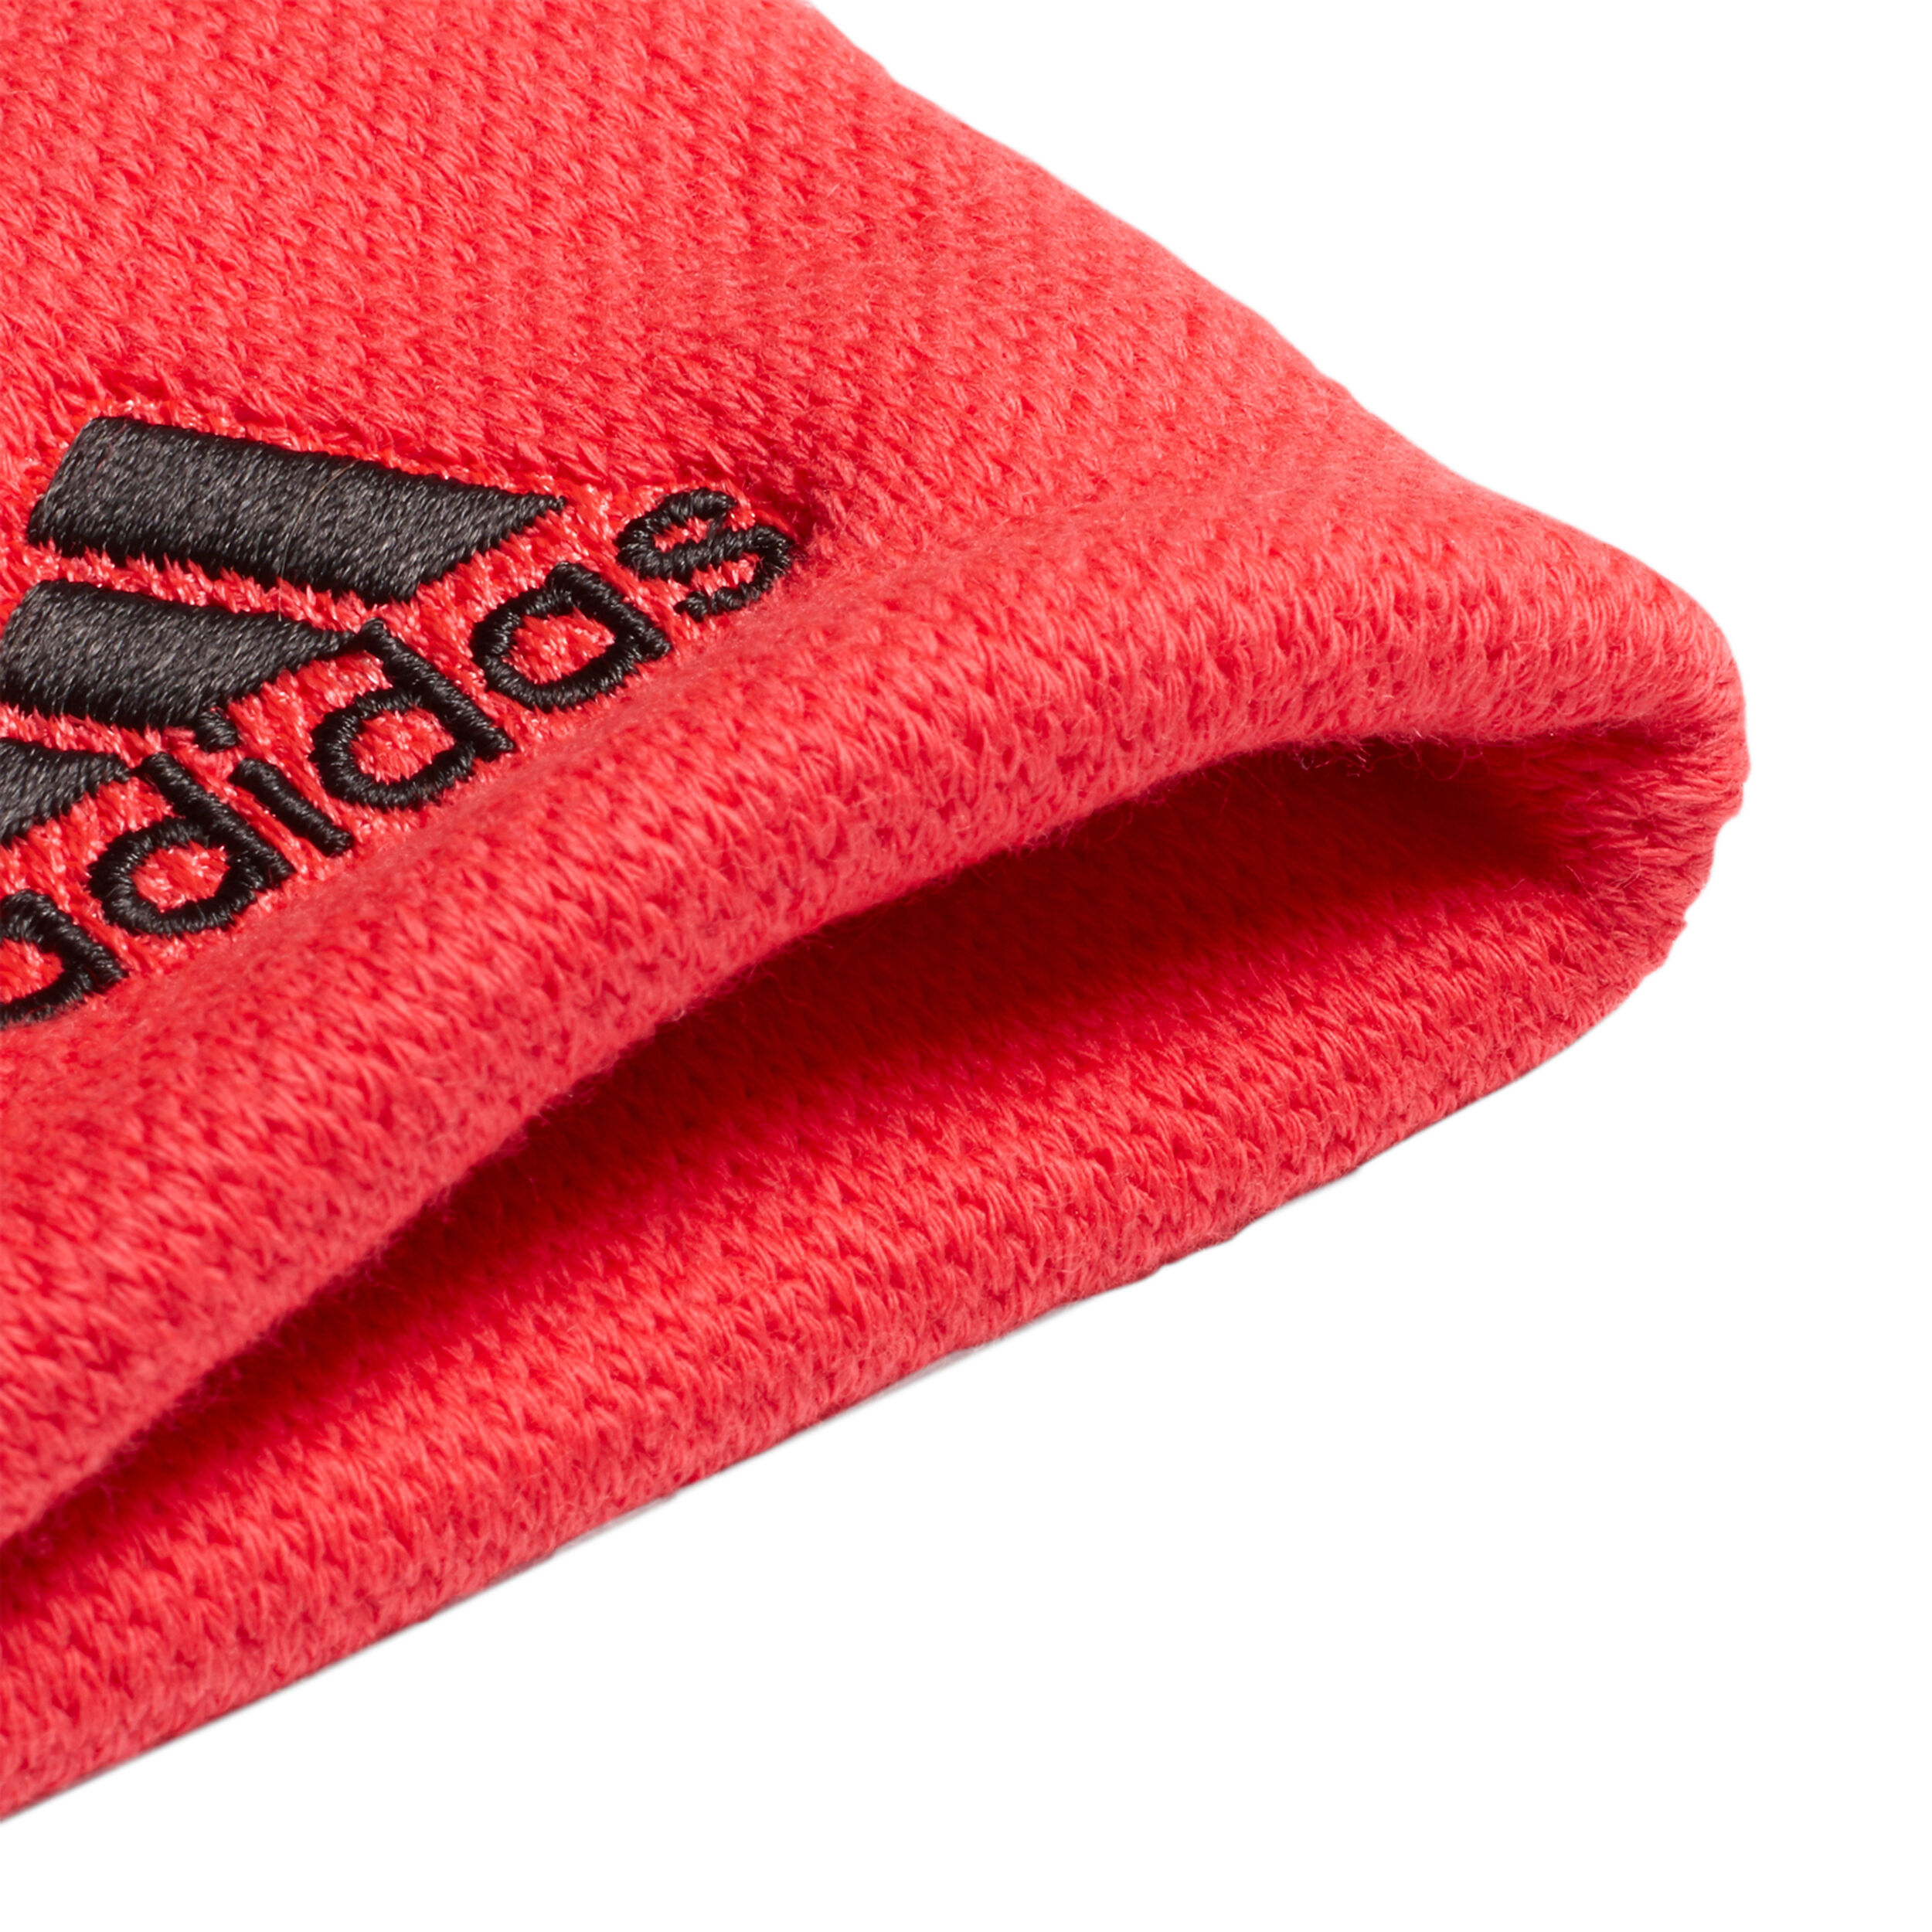 adidas zweetband rood zwart